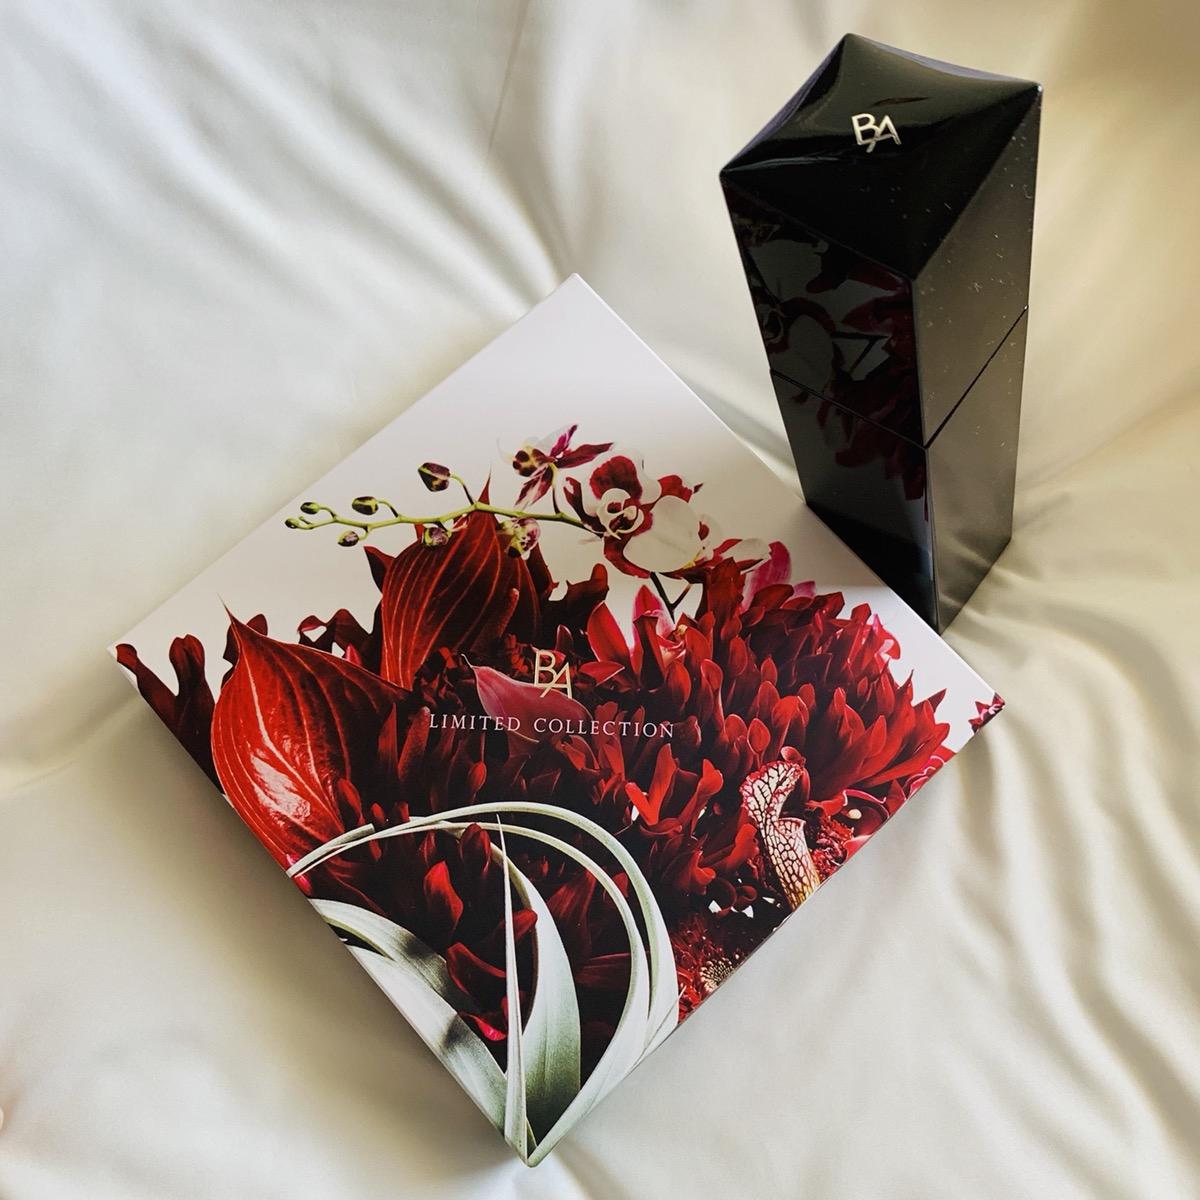 素肌美を磨き、表情からあふれる自信を。ポーラ最高峰「B.A」2019ホリディコレクションの贅沢ライン使いで、濃密なうるおい&ハリ体験! #金曜日の肌投資コスメ